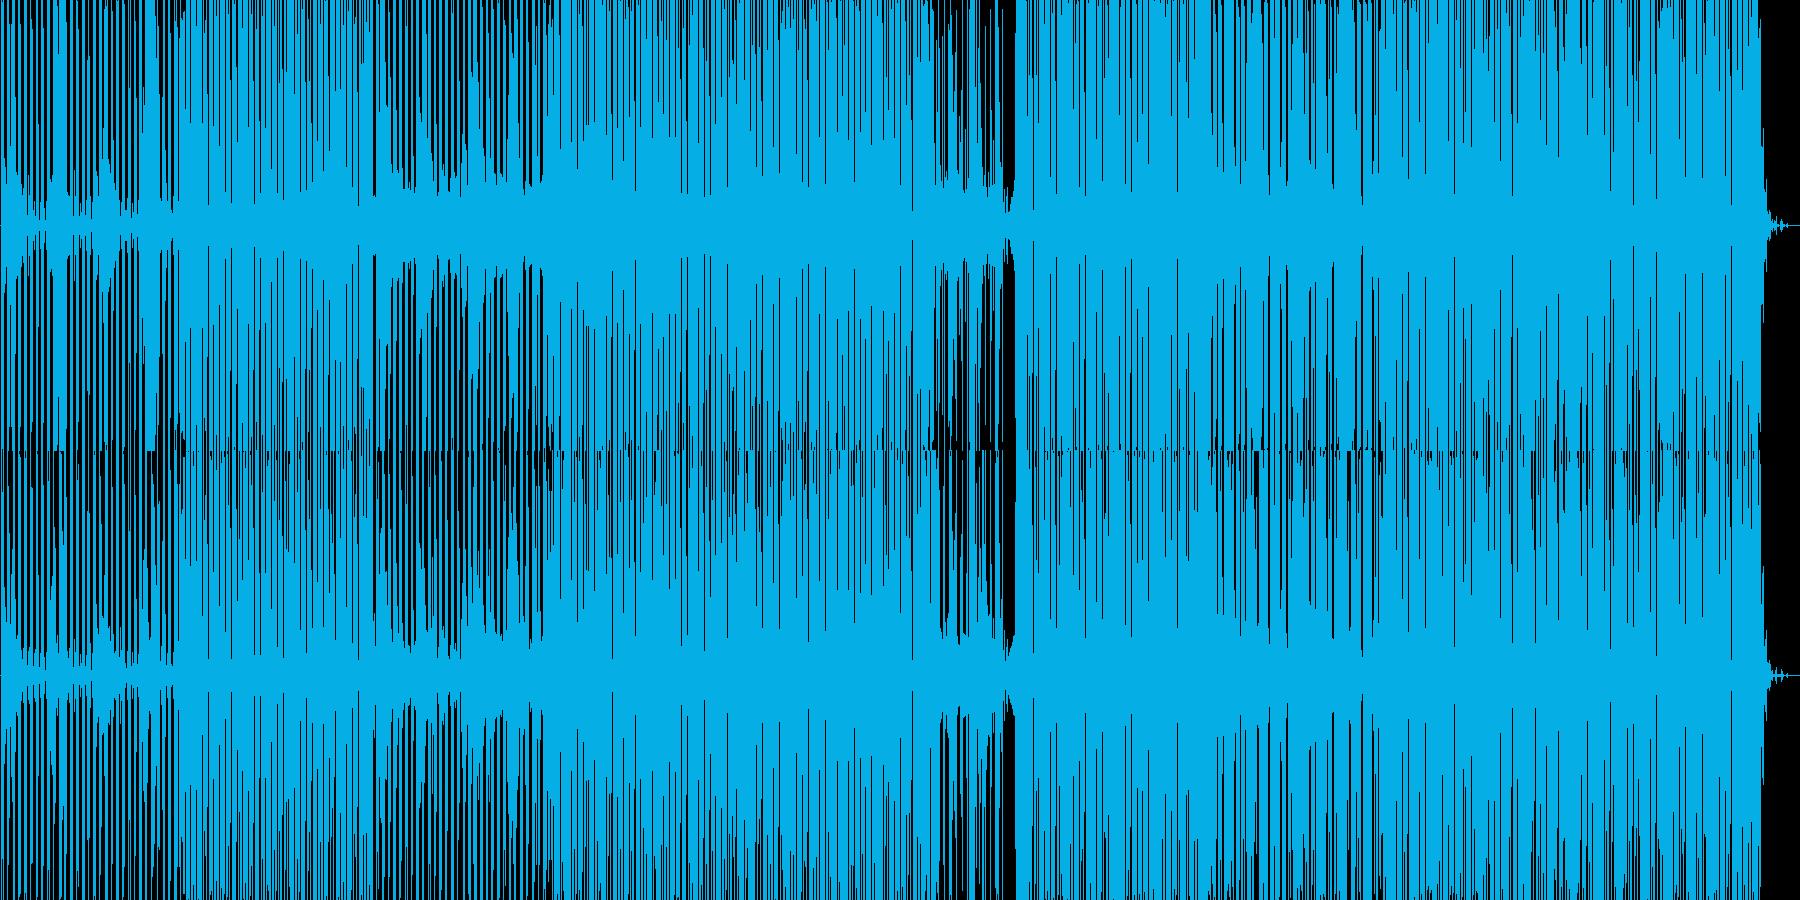 少しづつ変化するdeep minimalの再生済みの波形